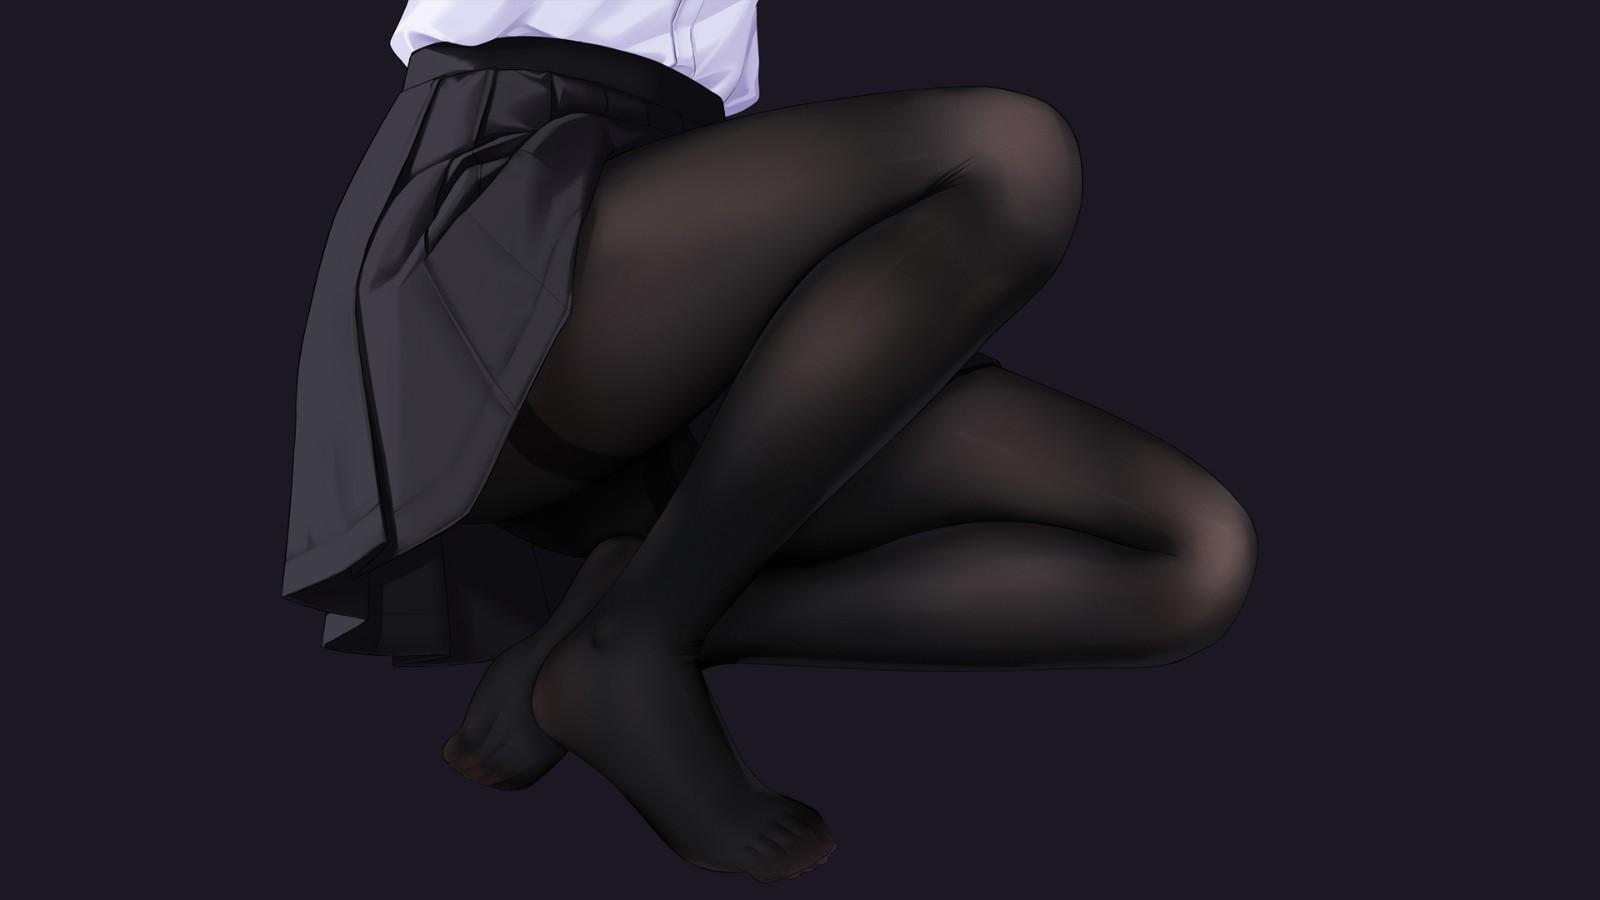 制服迷你短裙 黑色裤袜丝袜动漫美女壁纸